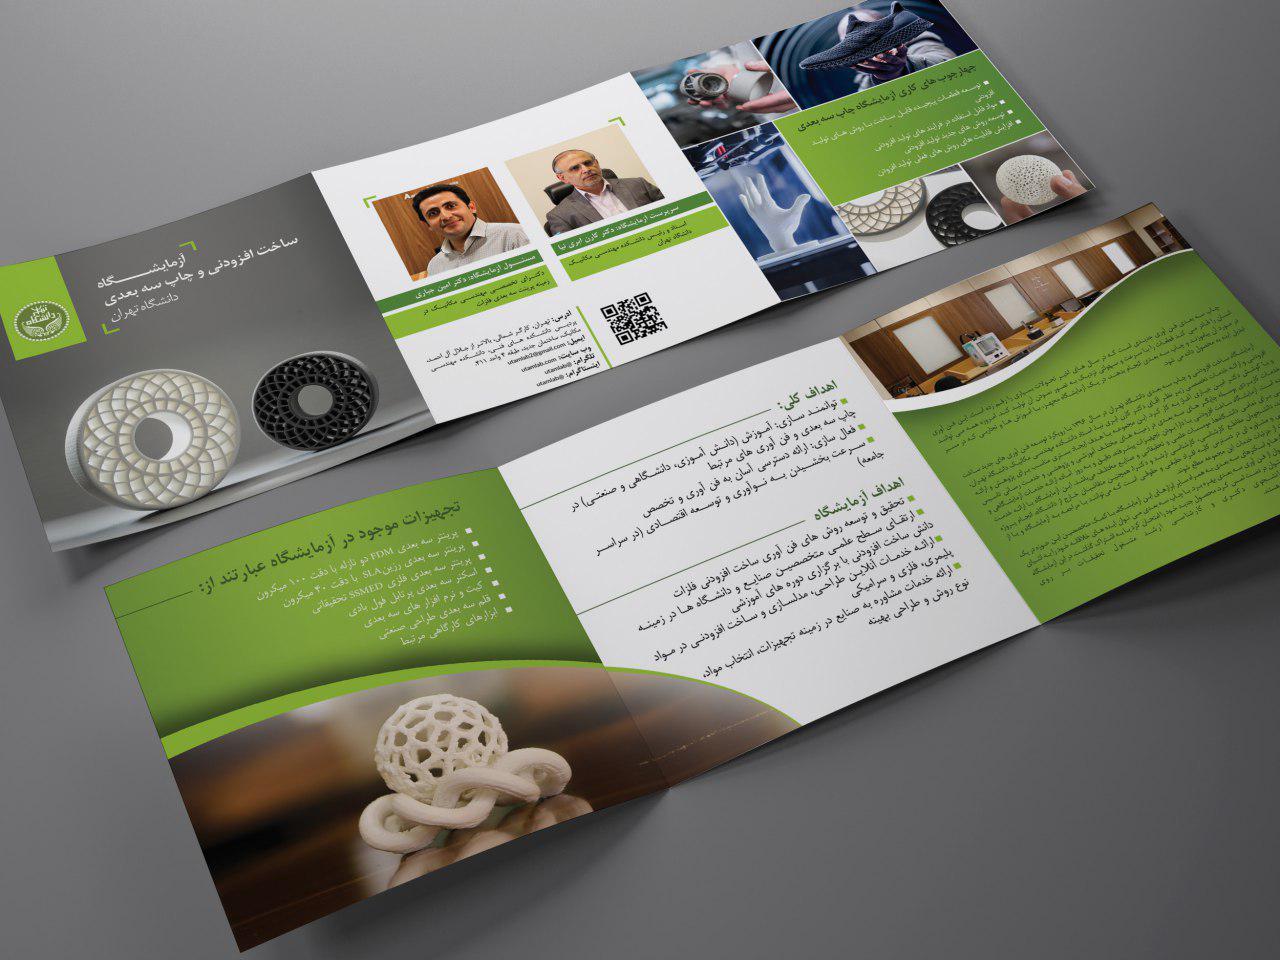 نمونه کار طراحی کاتالوگ حرفه ای تبلیغاتی آزمایشگاه چاپ سه بعدی دانشگاه تهران